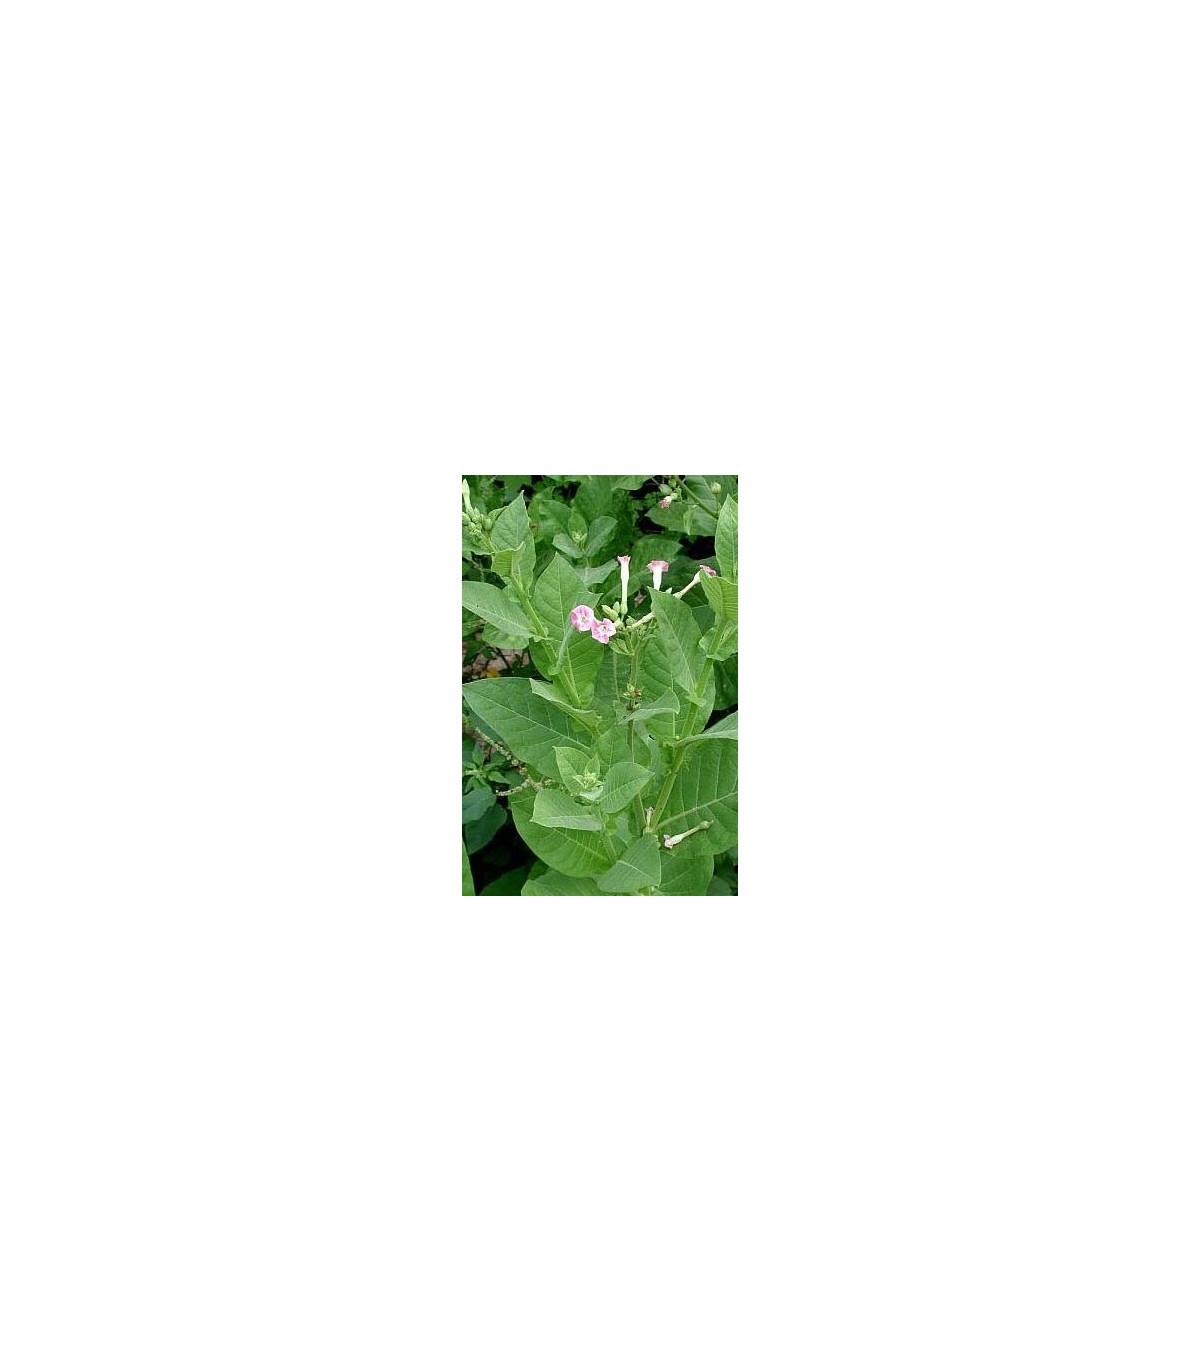 Tabak Orinoco - Nicotiana tabacum - semená tabaku - 25 ks